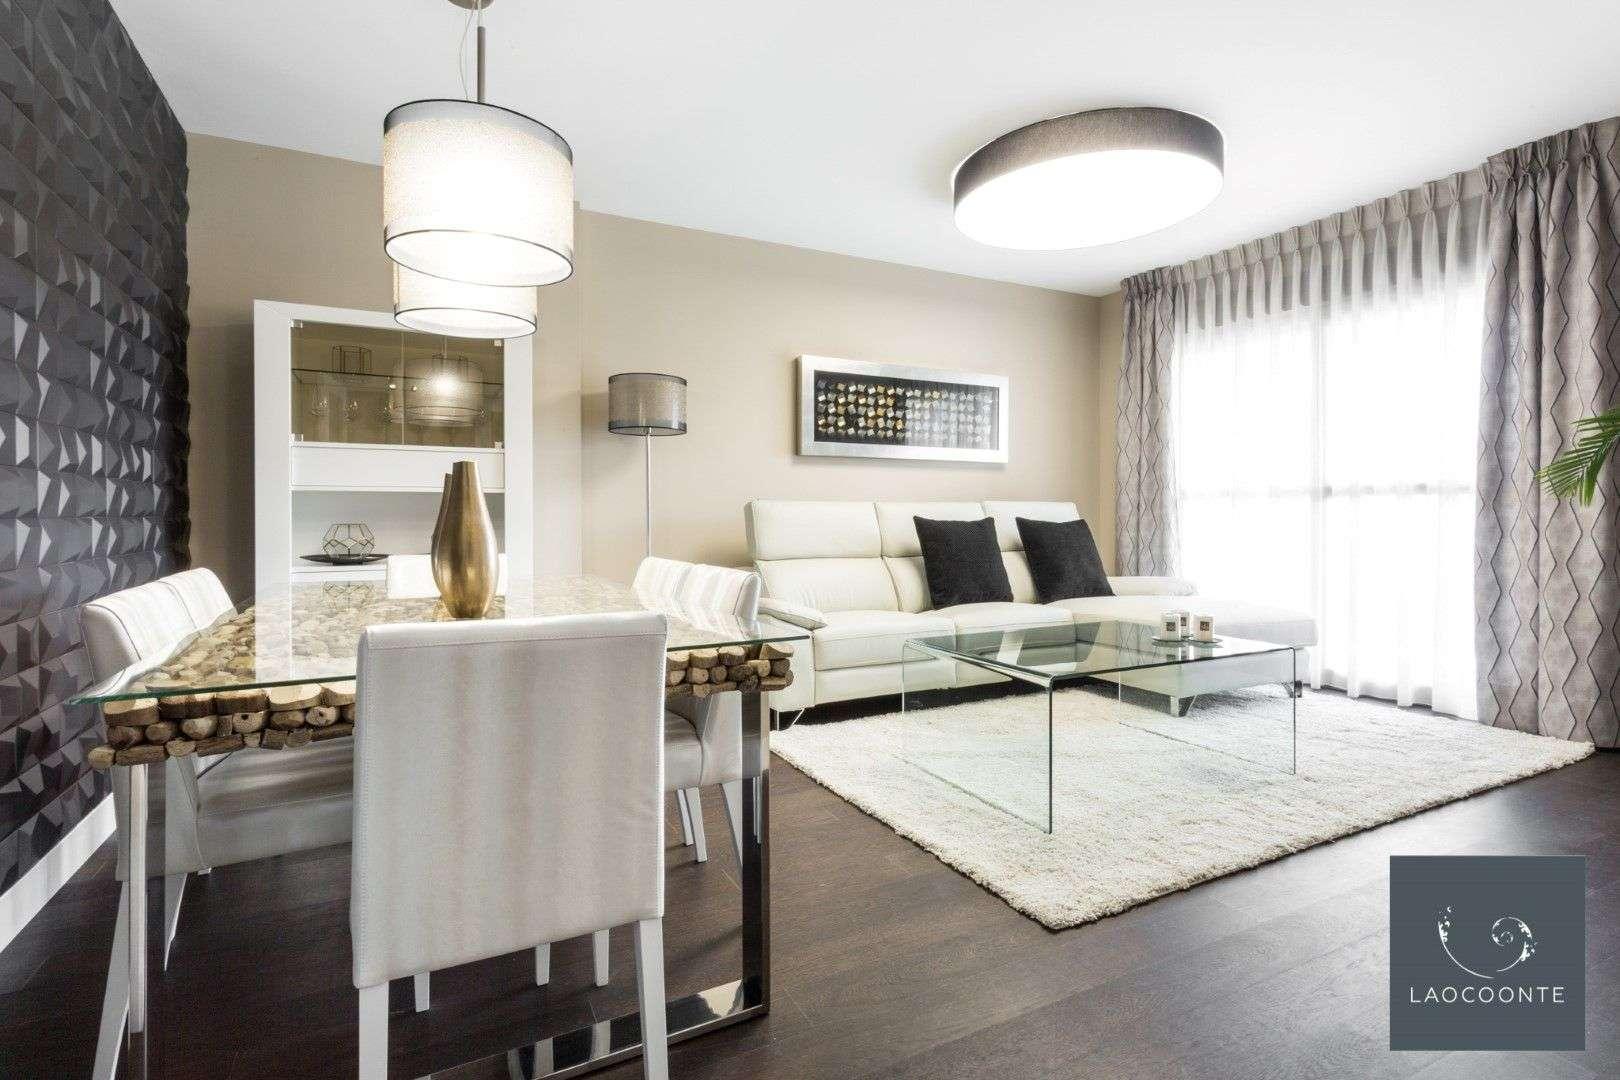 La decoraci n del hogar influye en la calidad de vida for App decoracion hogar